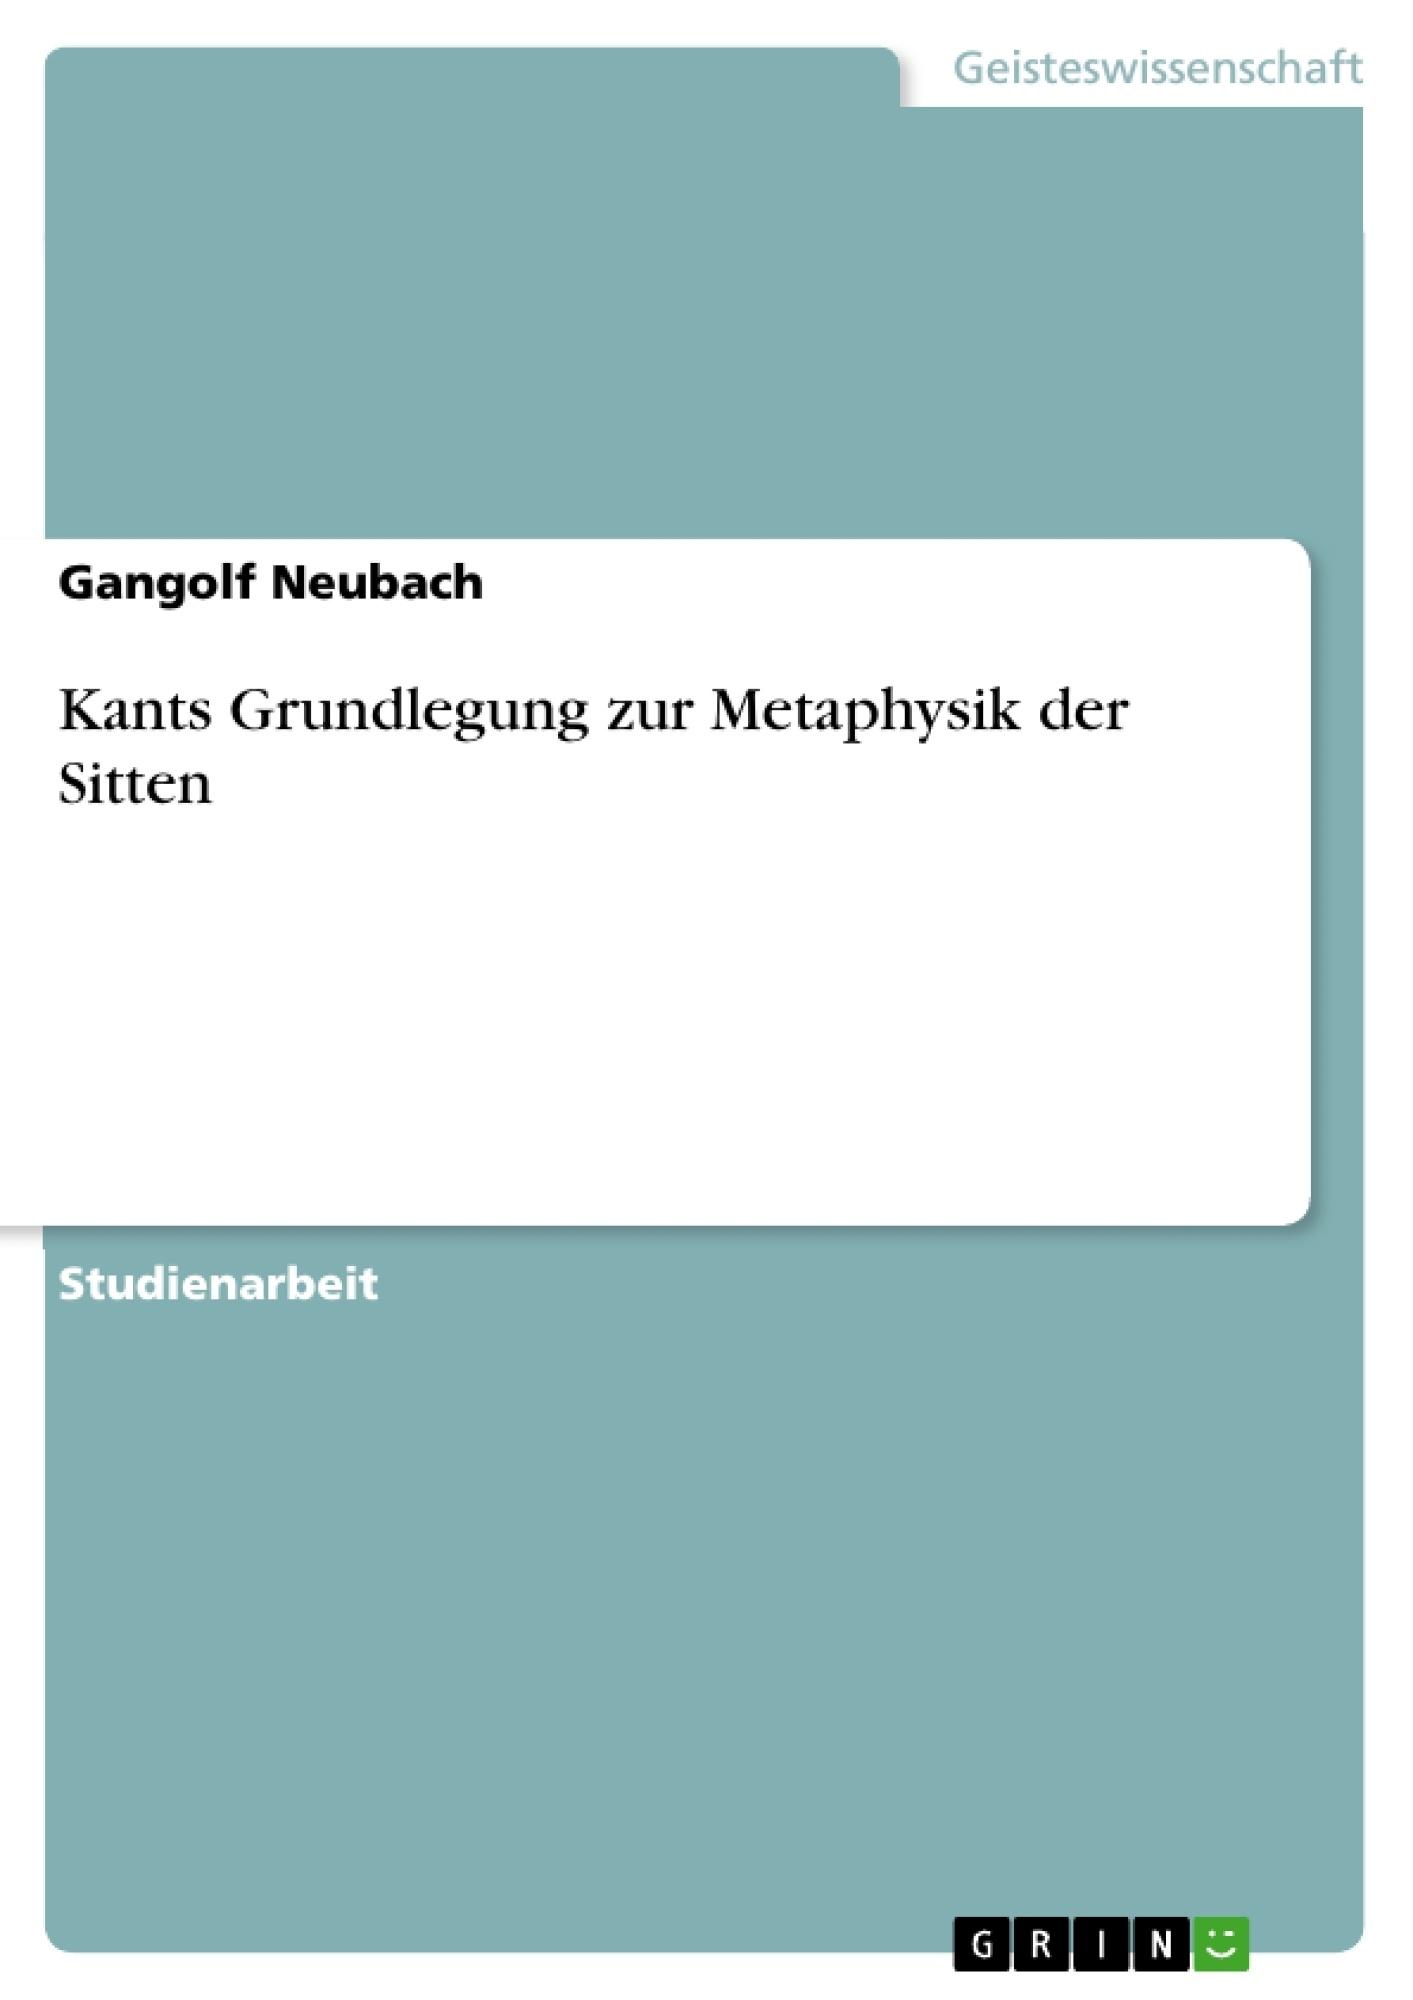 Titel: Kants Grundlegung zur Metaphysik der Sitten